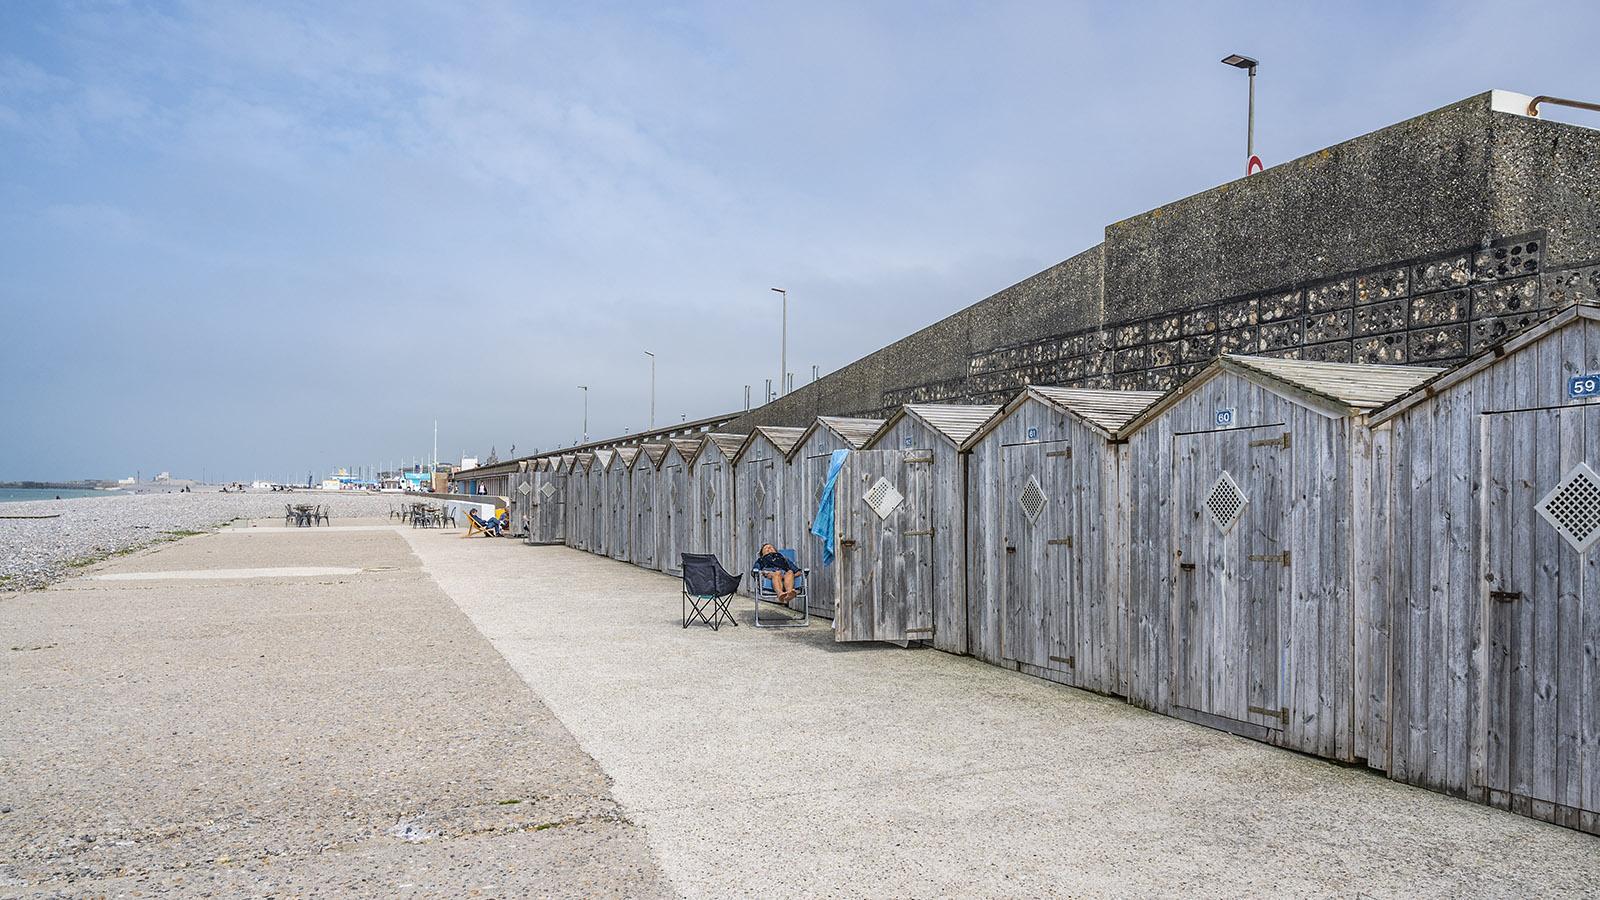 Die Badehäuschen der Strandpromenade von Dieppe. Foto: Hilke Maunder